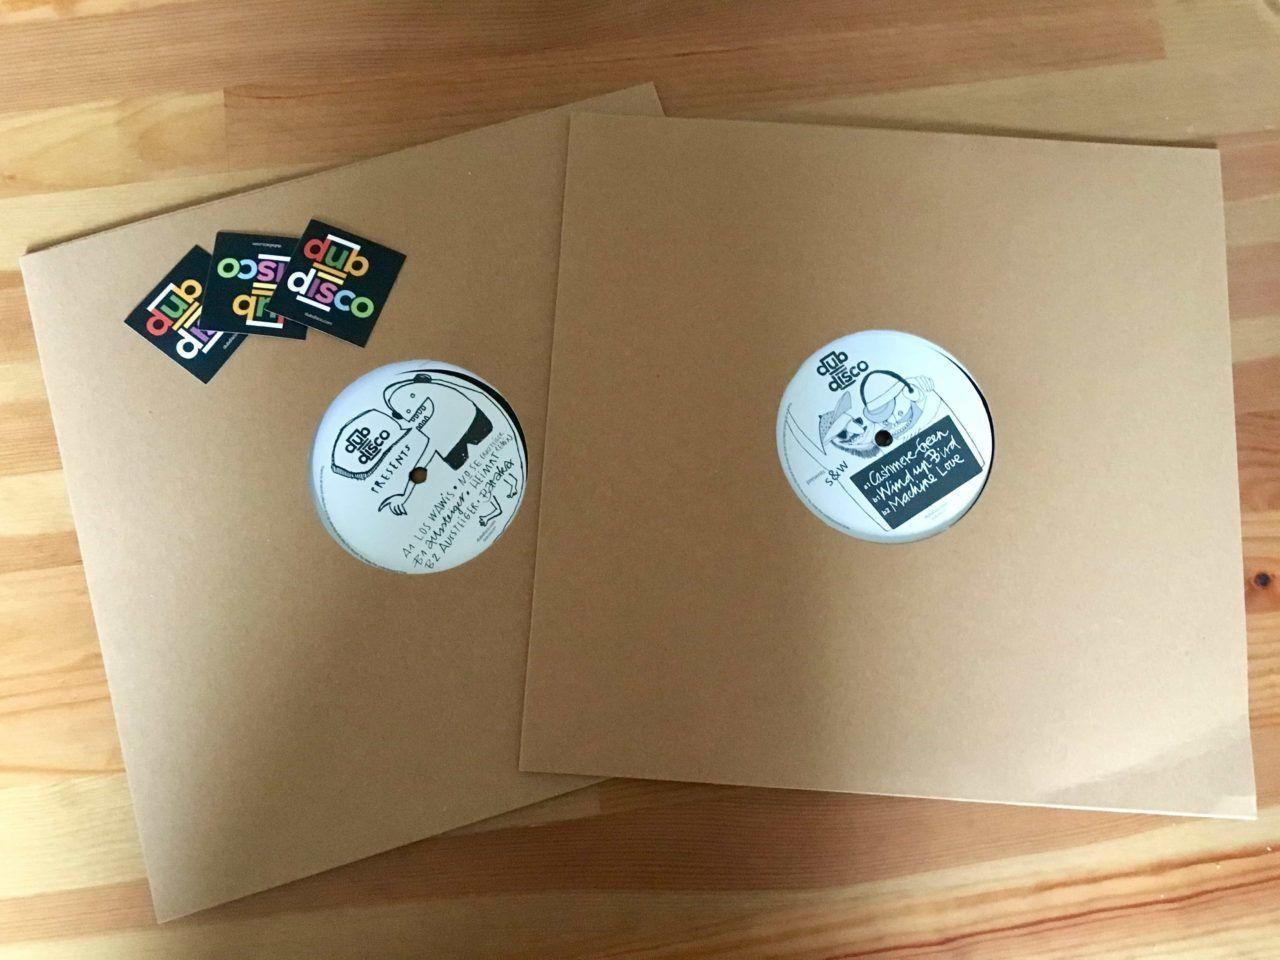 Dub Disco presents Aussteiger und S&W